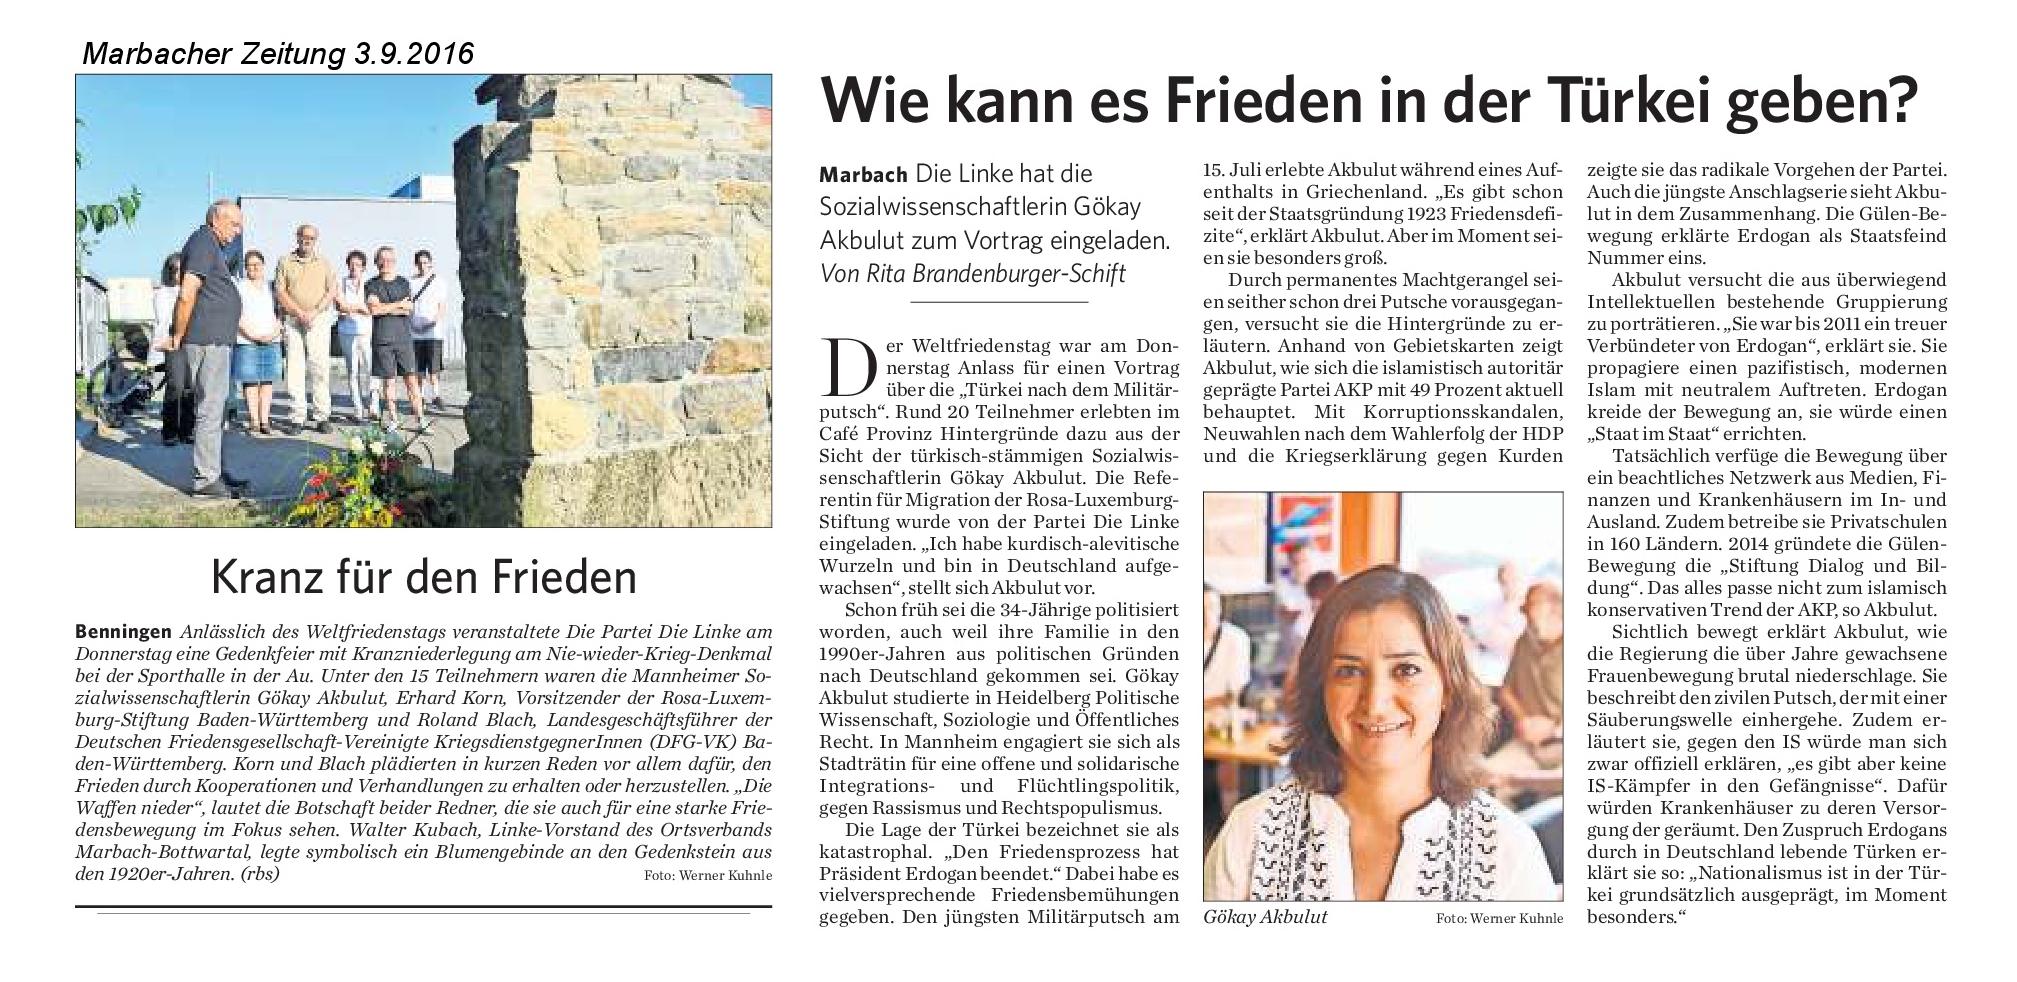 Marbacher Zeitung Antikriegstag 2016